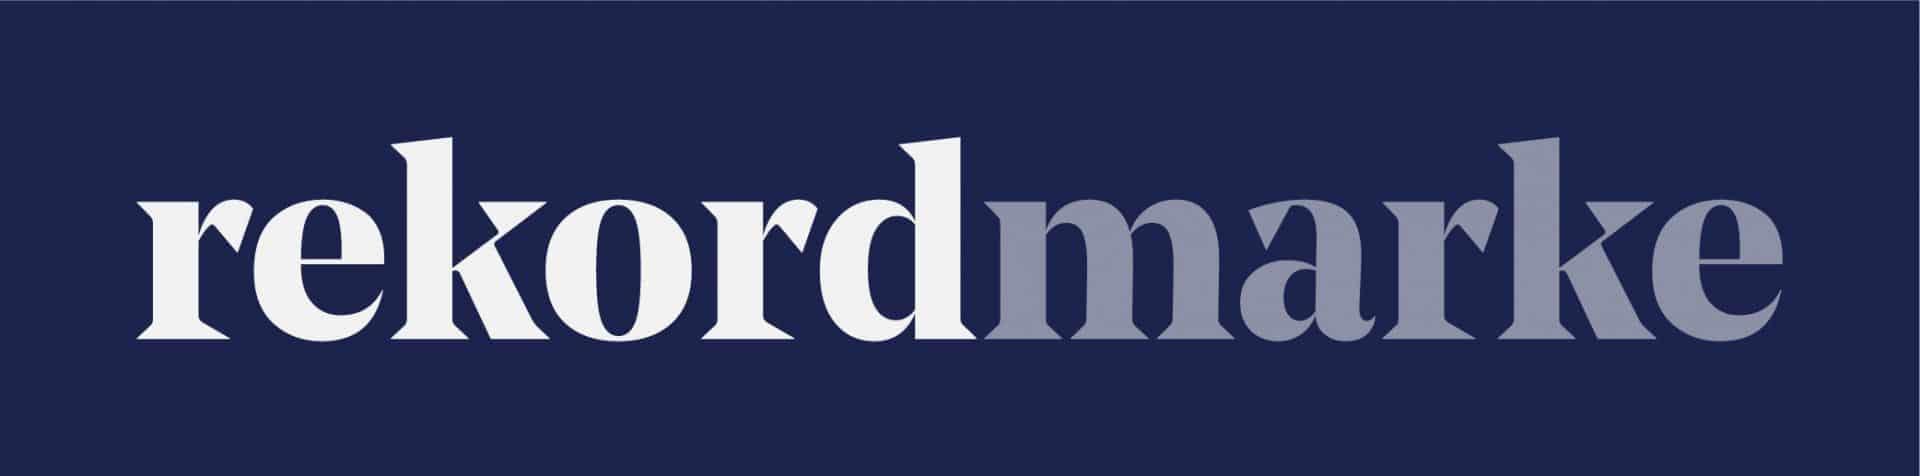 rekordmarke Logo invertiert